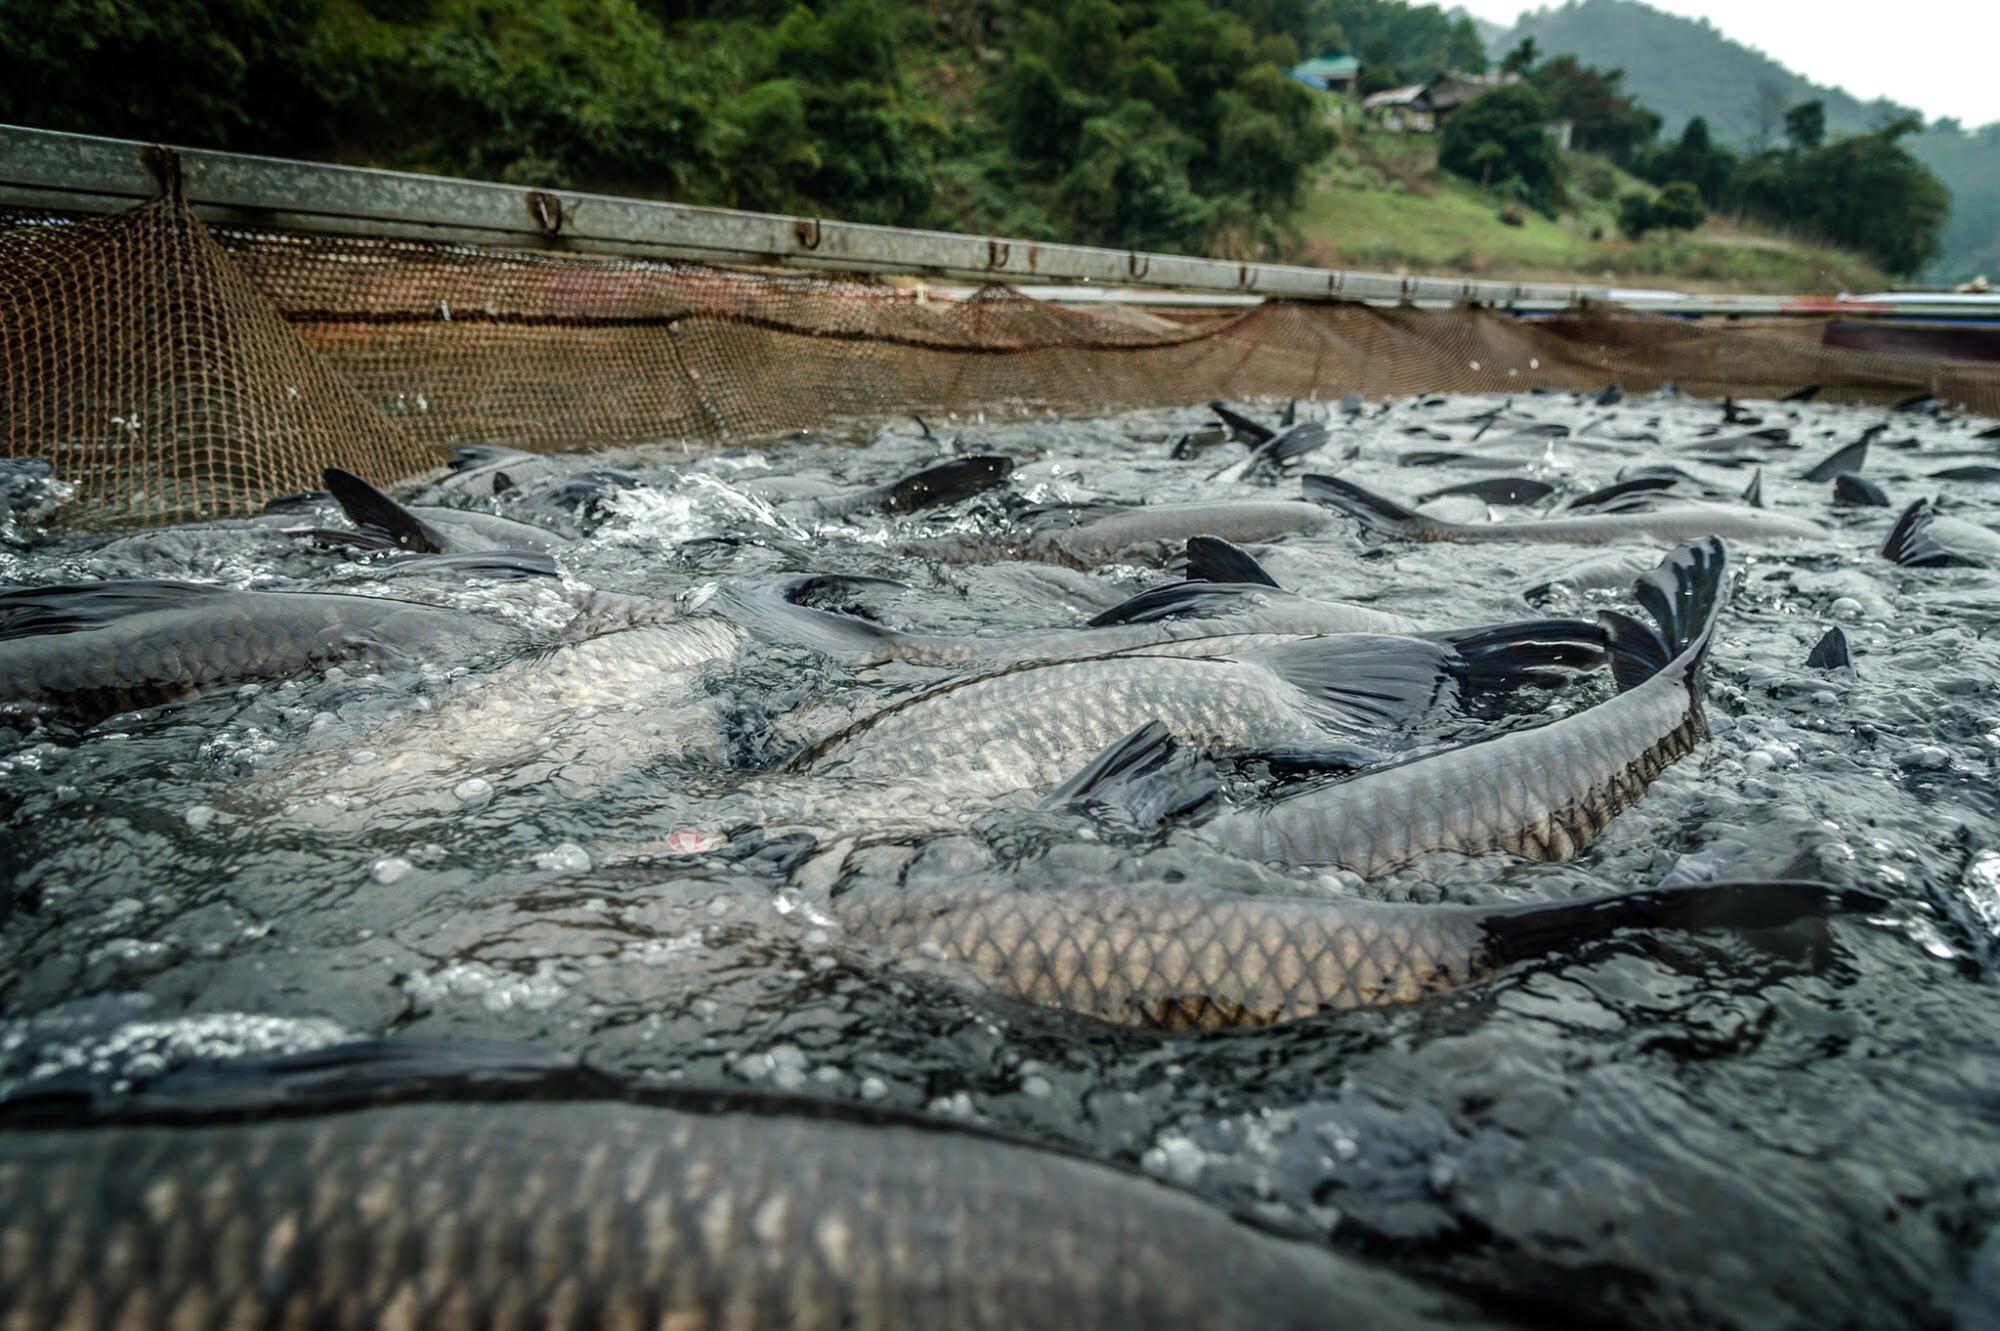 Video: Hướng dẫn kỹ thuật nuôi cá trắm đen trong lồng bè hiệu quả nhất - Ảnh 9.